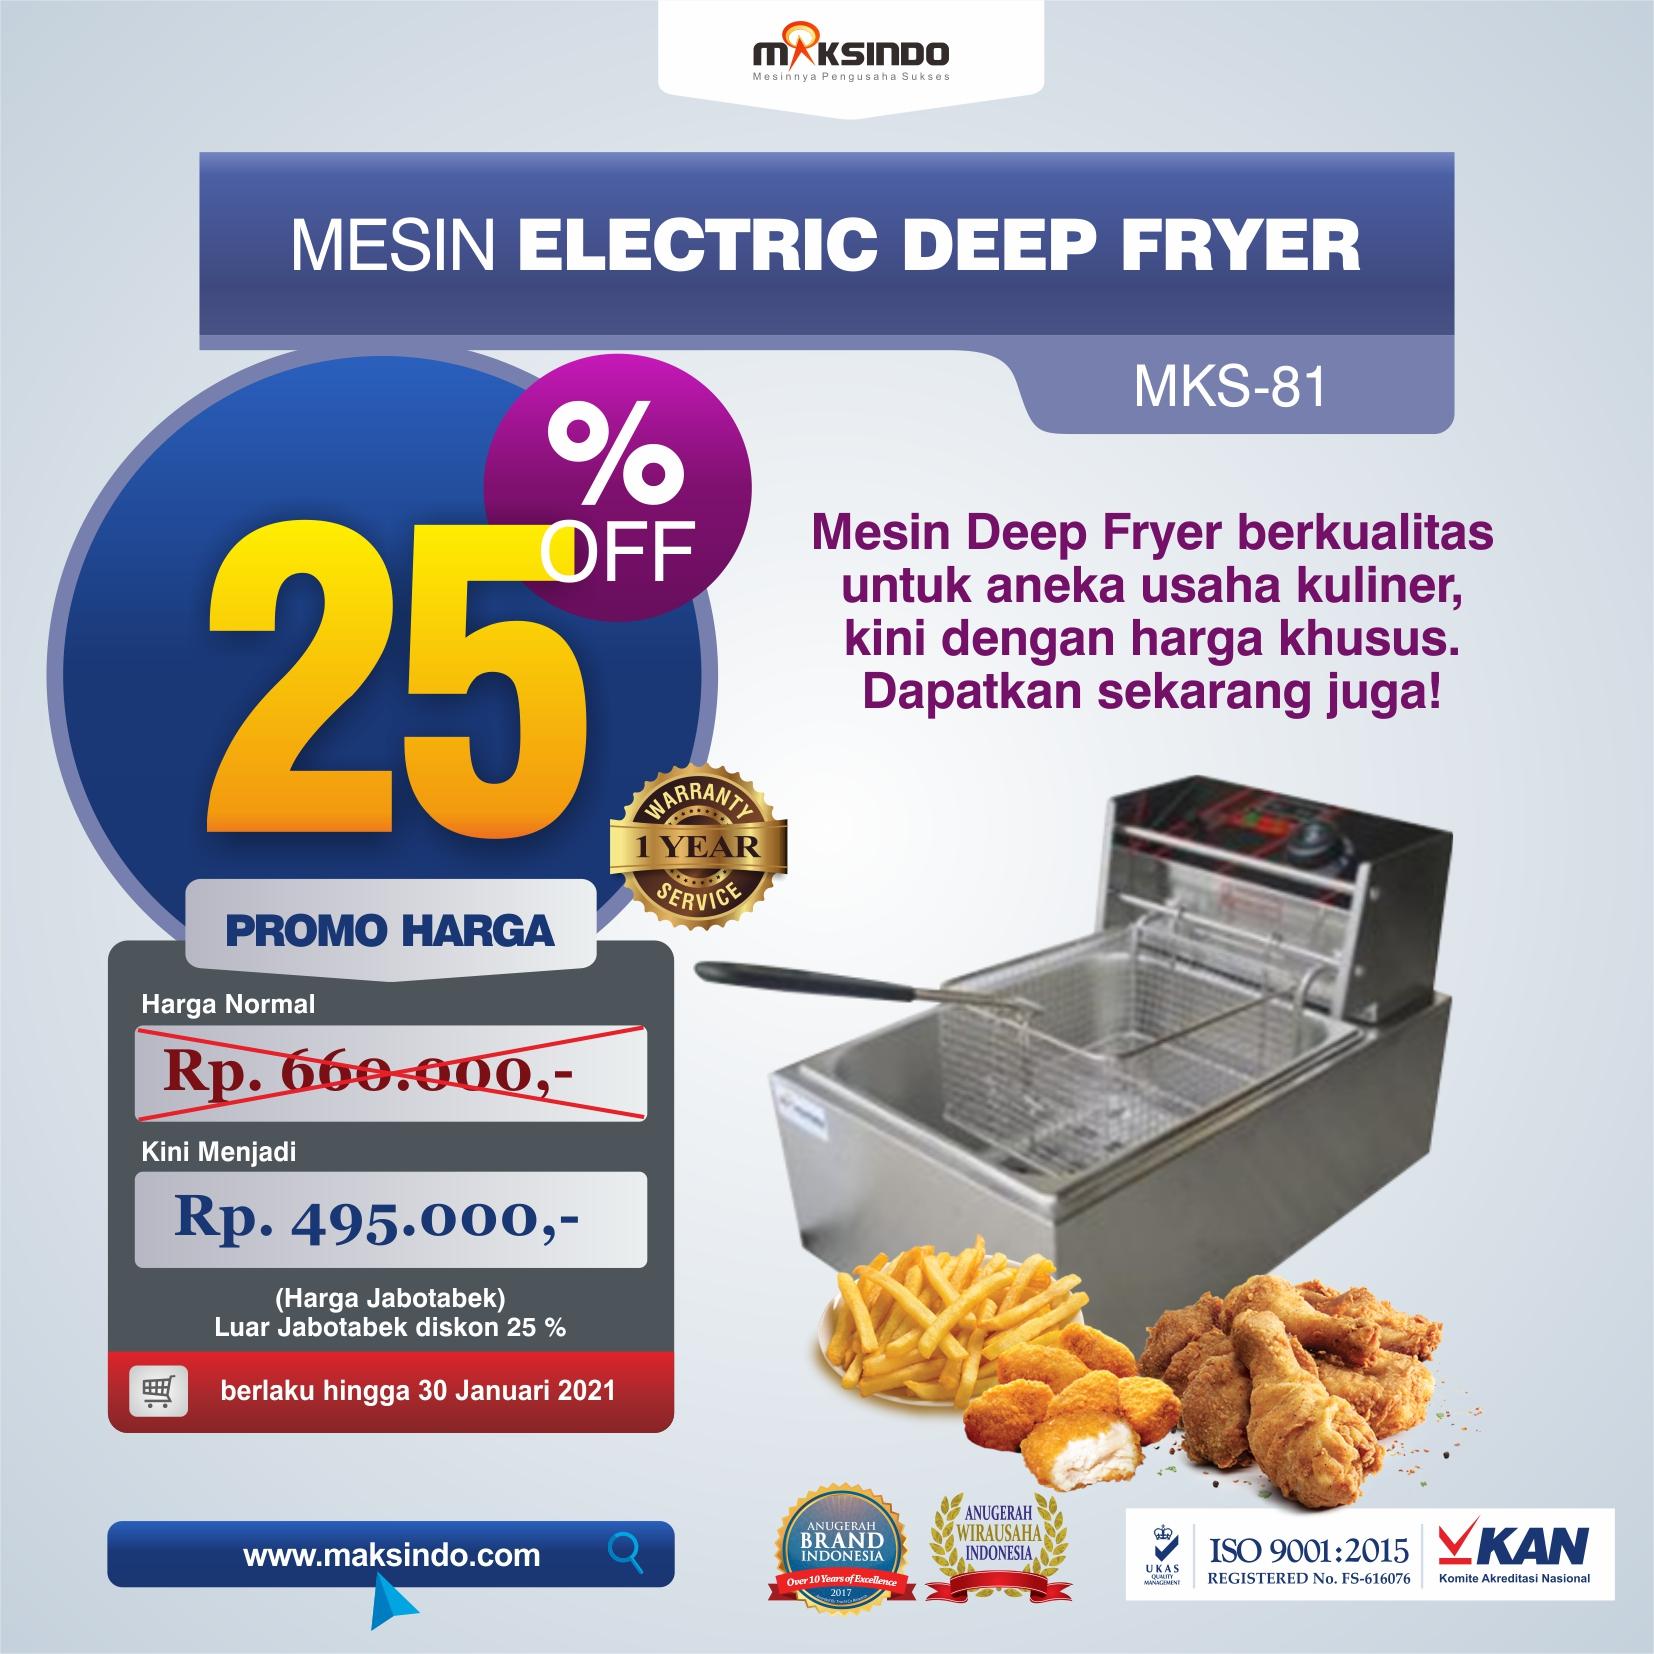 Jual Mesin Electric Deep Fryer MKS-81 di Solo